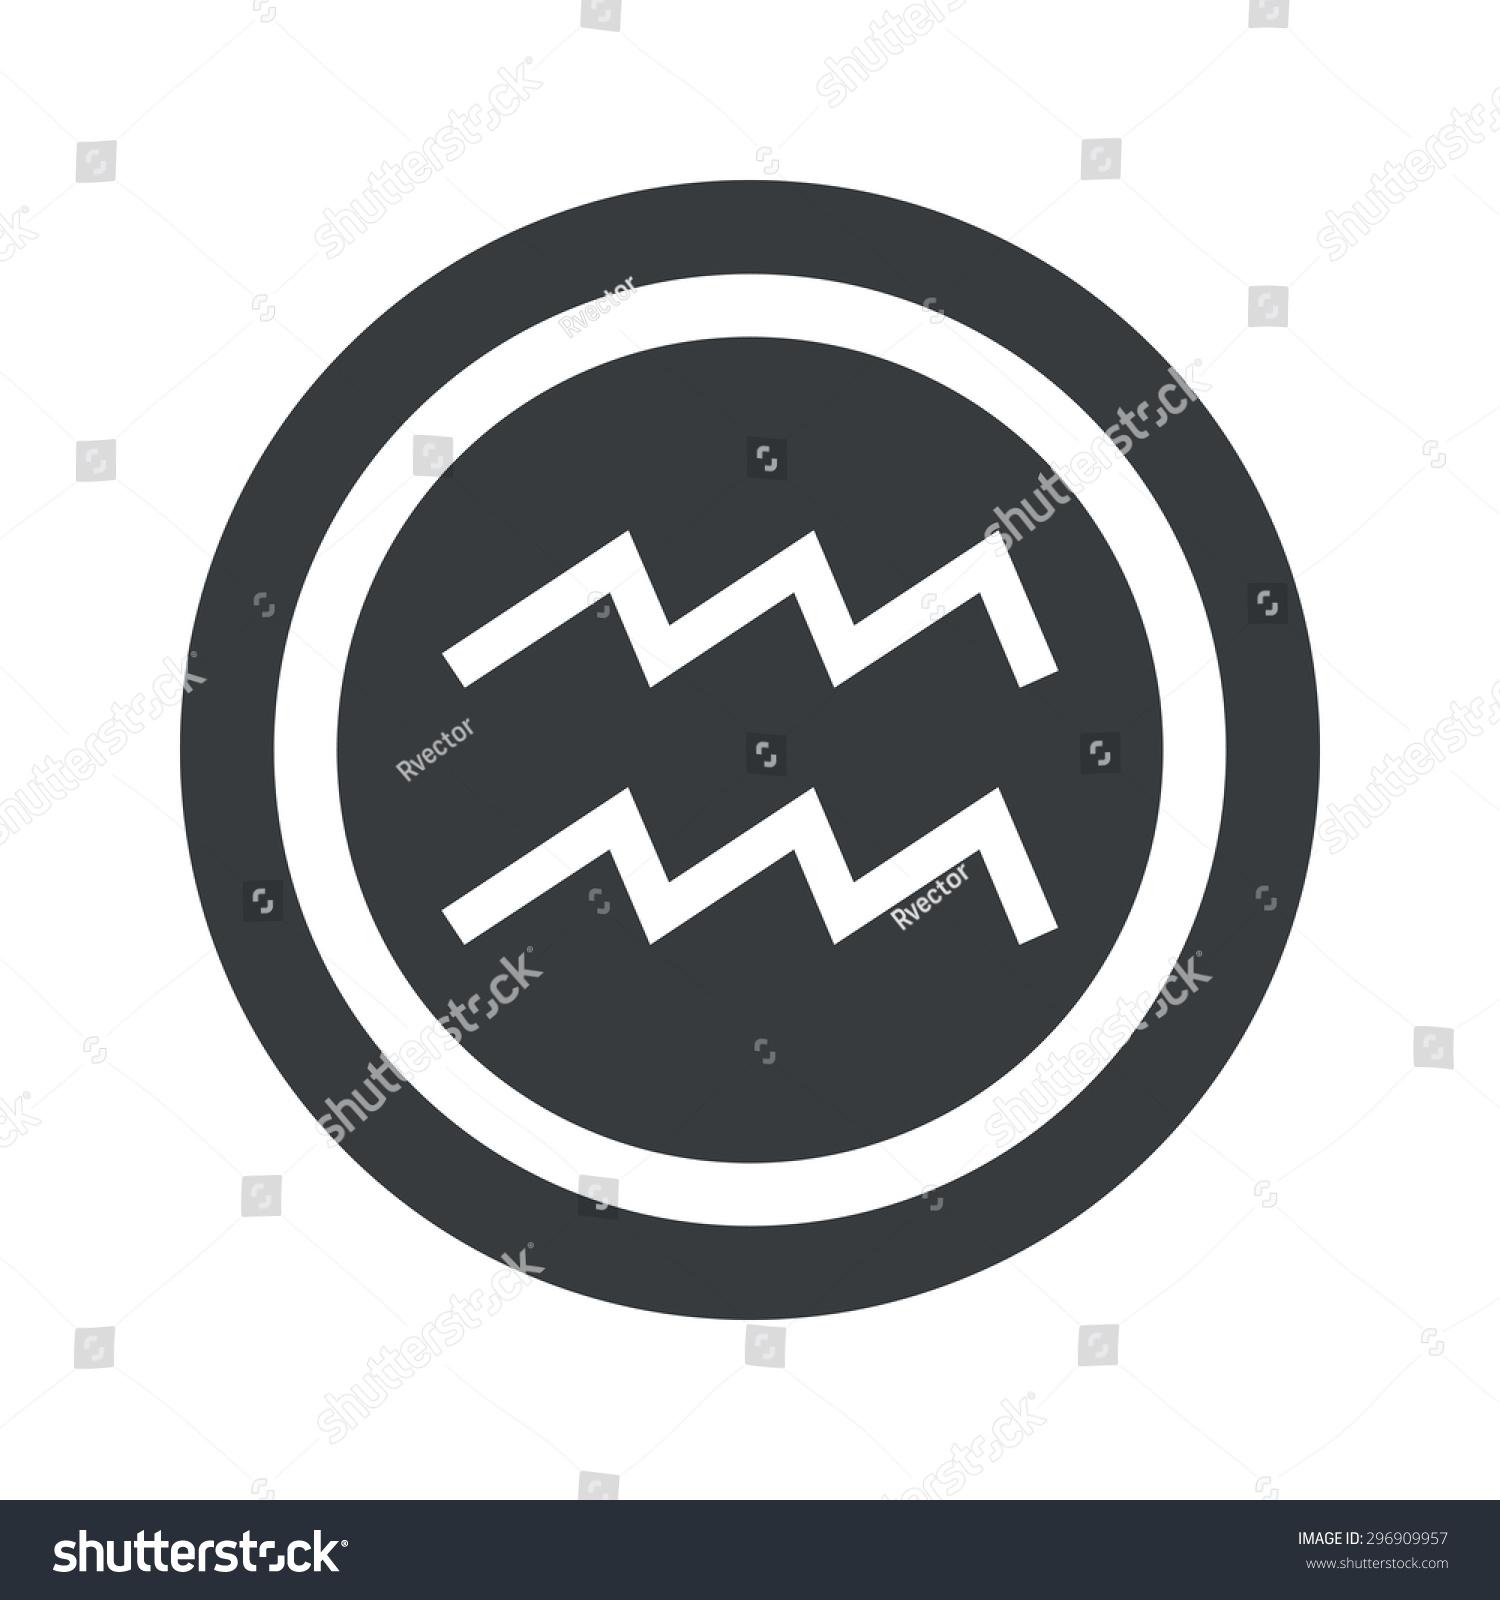 Image aquarius zodiac symbol circle on stock vector 296909957 image of aquarius zodiac symbol in circle on black circle isolated on white buycottarizona